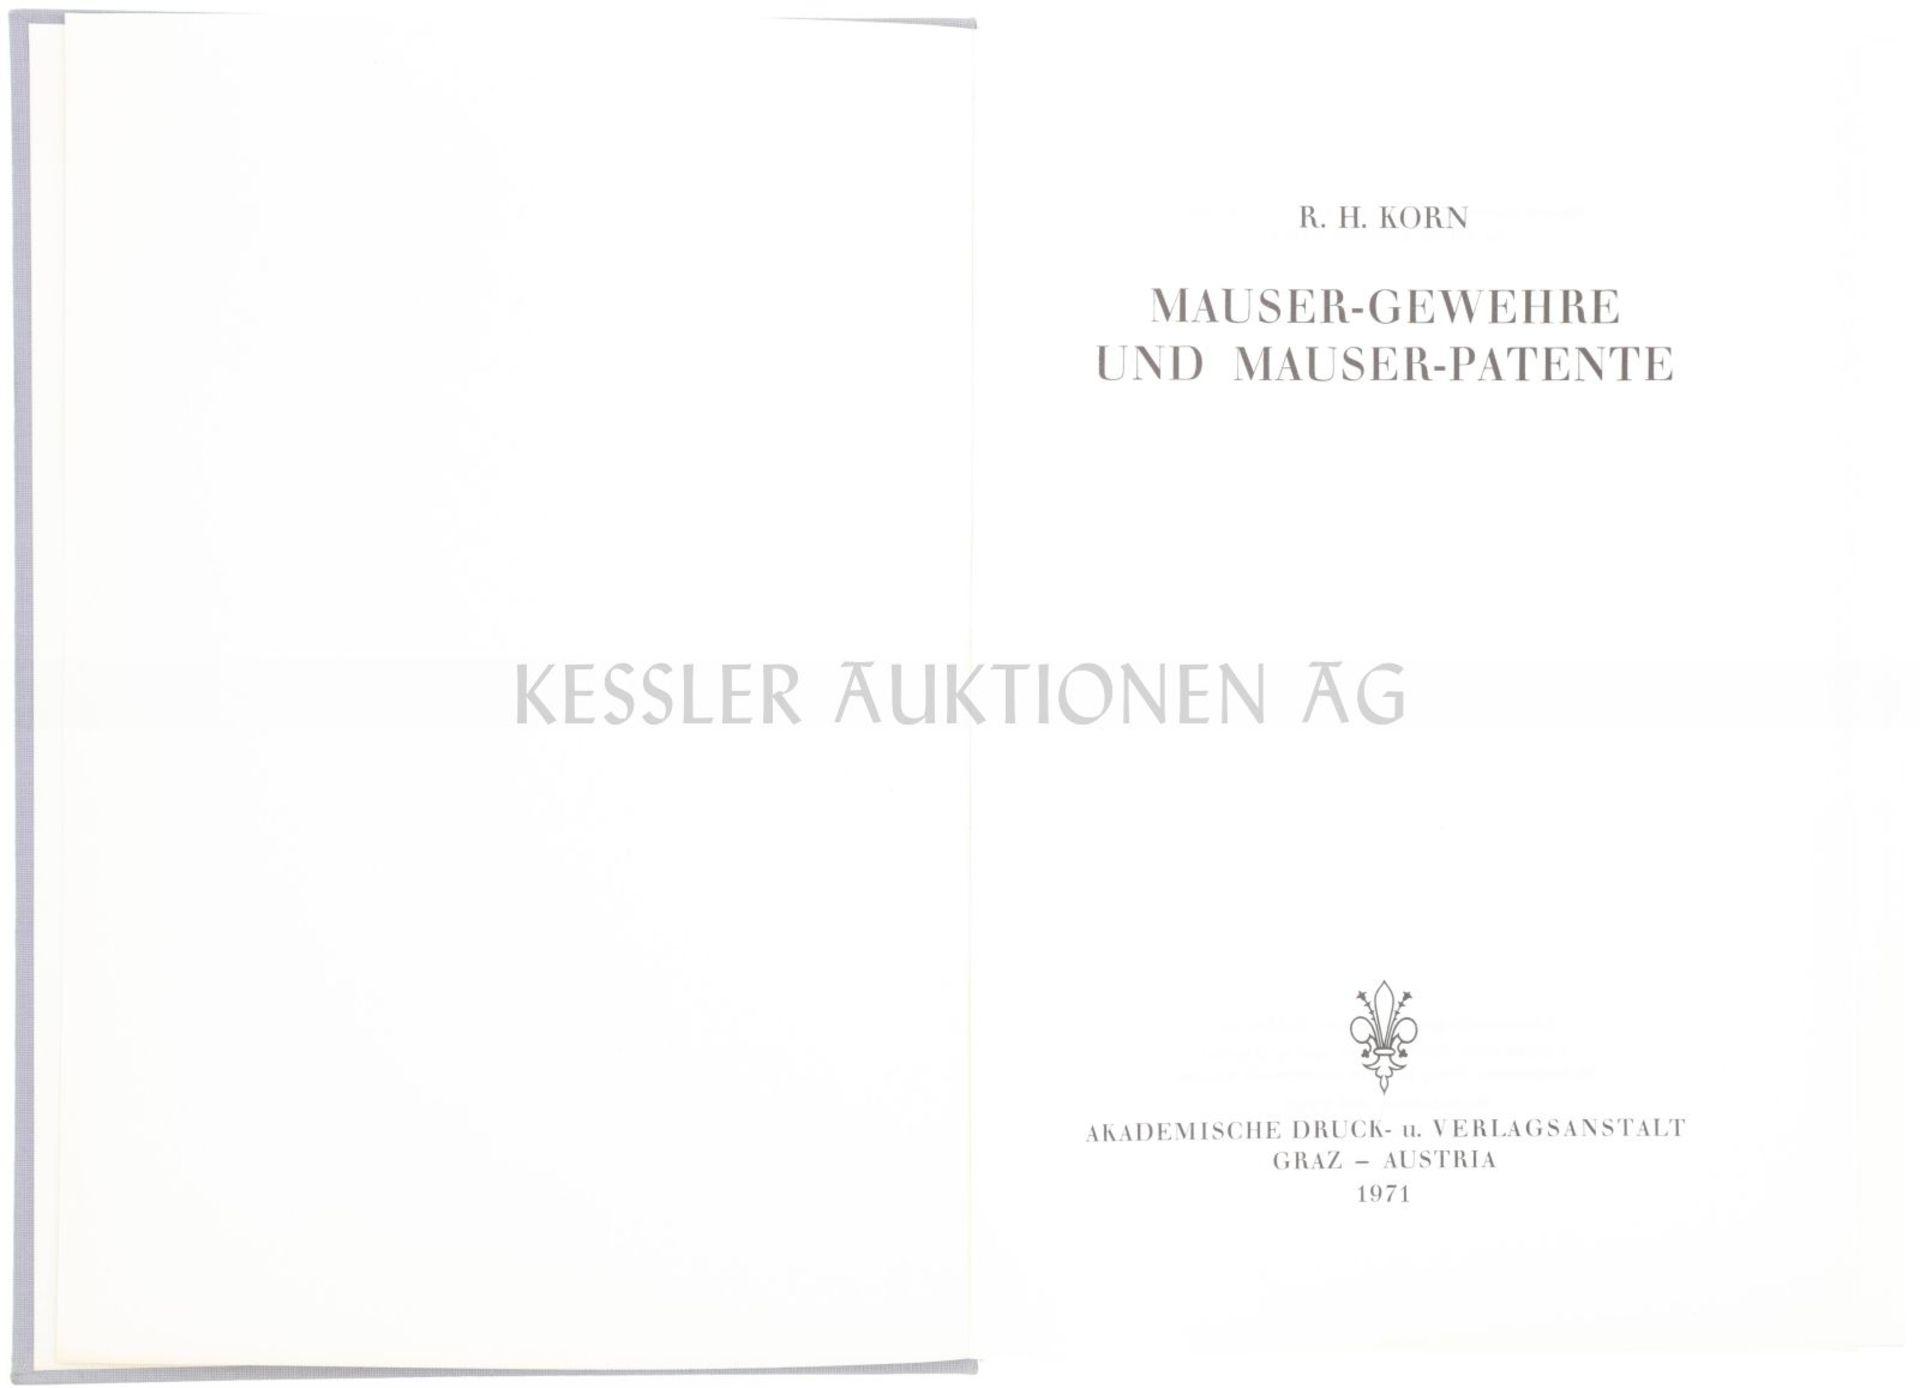 Mauser-Gewehre und Mauser-Patente, R.H.Korn Unveränderter Nachdruck der Originalausgabe 1908 durch